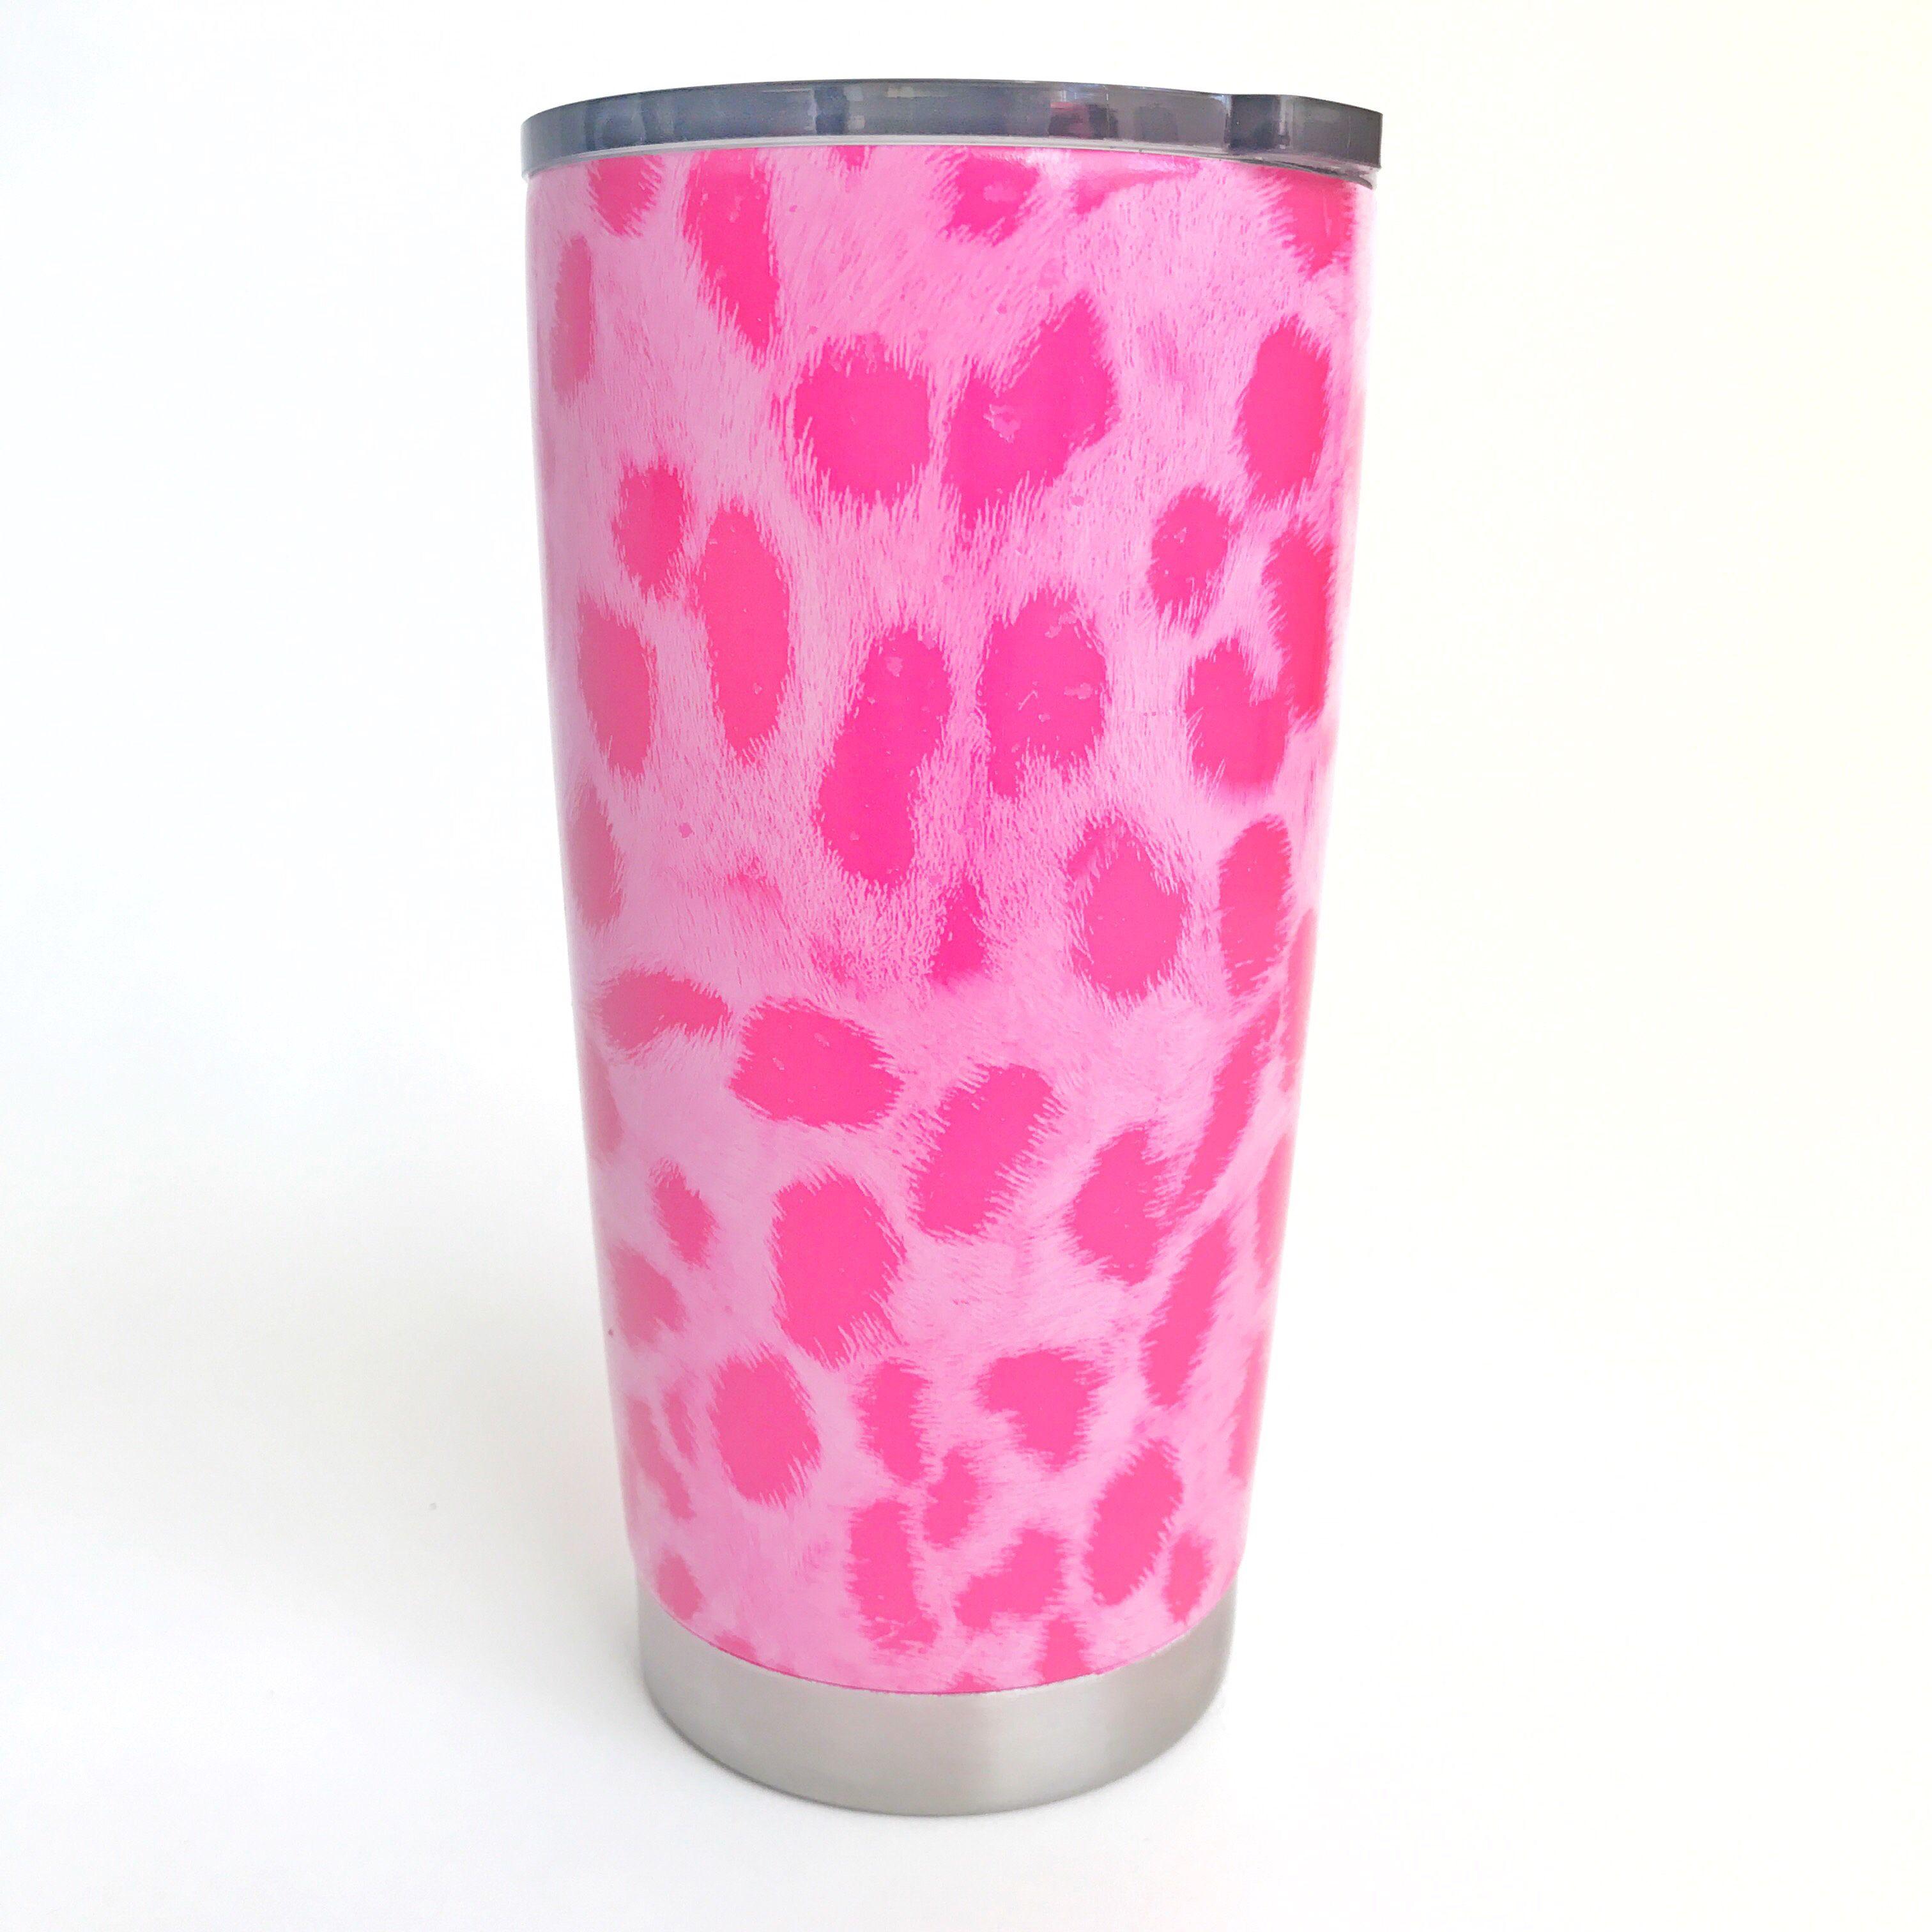 Pink tumbler.